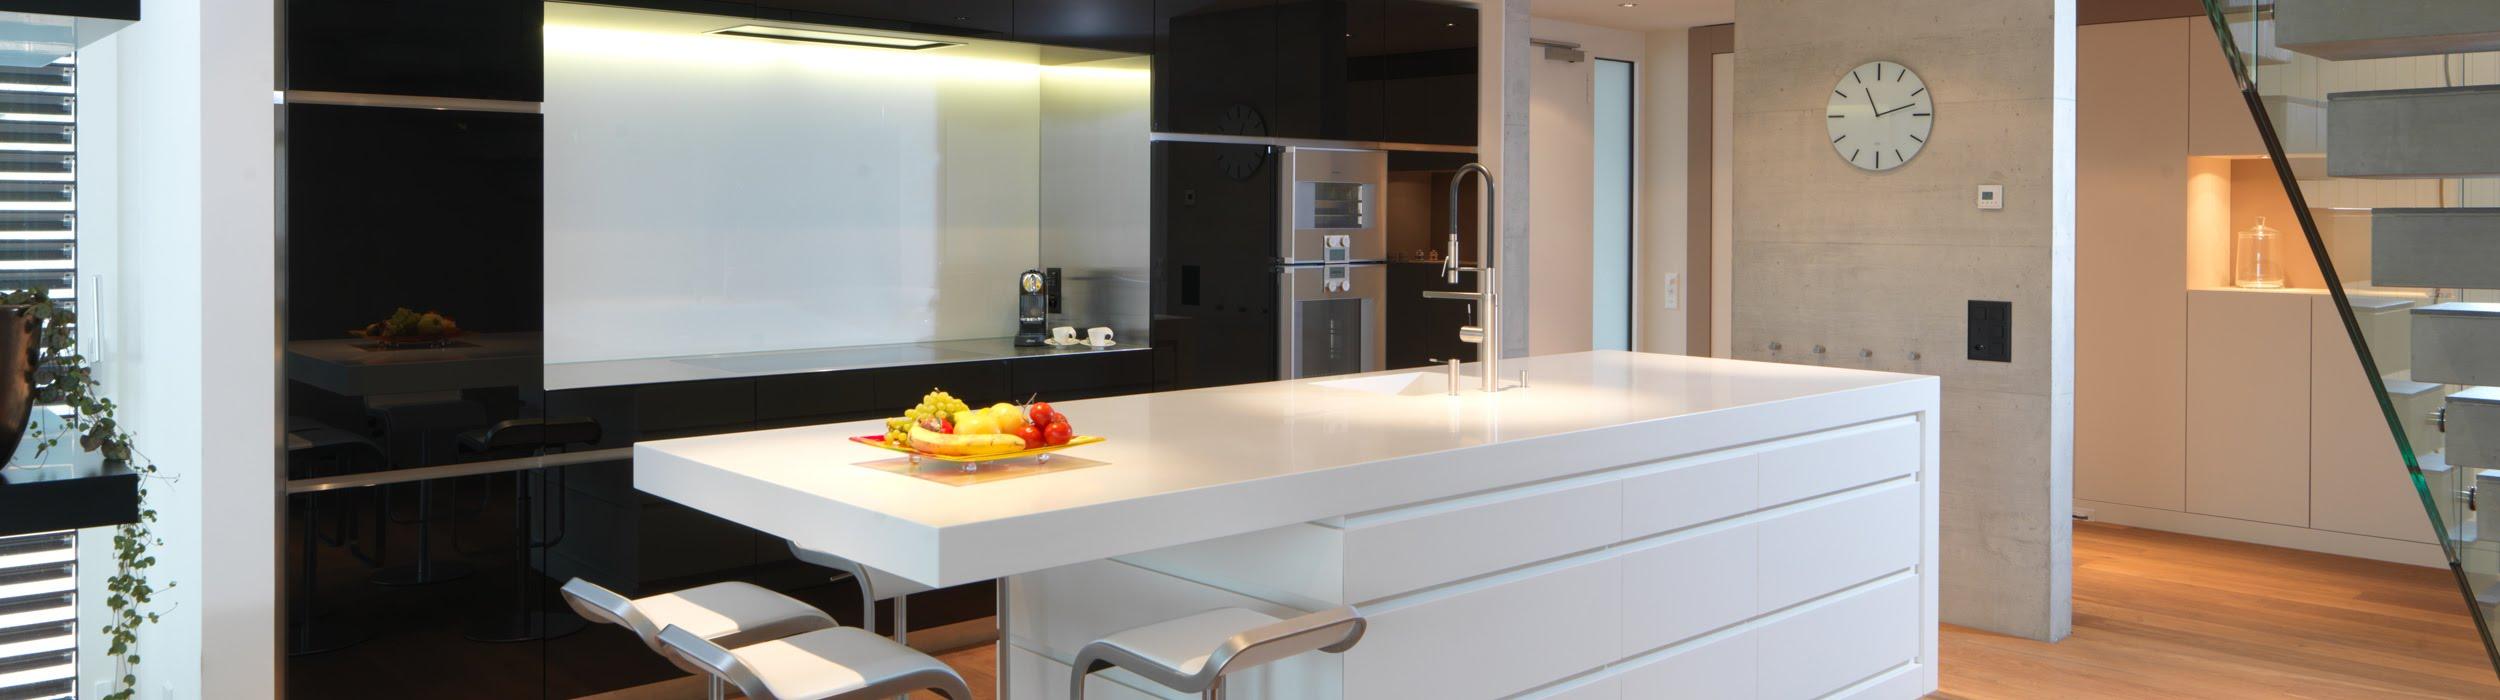 Spezialist für Küchen & Küchenbau, Moderne Küchen, Küchenumbau, Küchenbau, Bäder, Renovationen, Sursee, Willisau, Zentralschweiz, Luzern, Zofingen